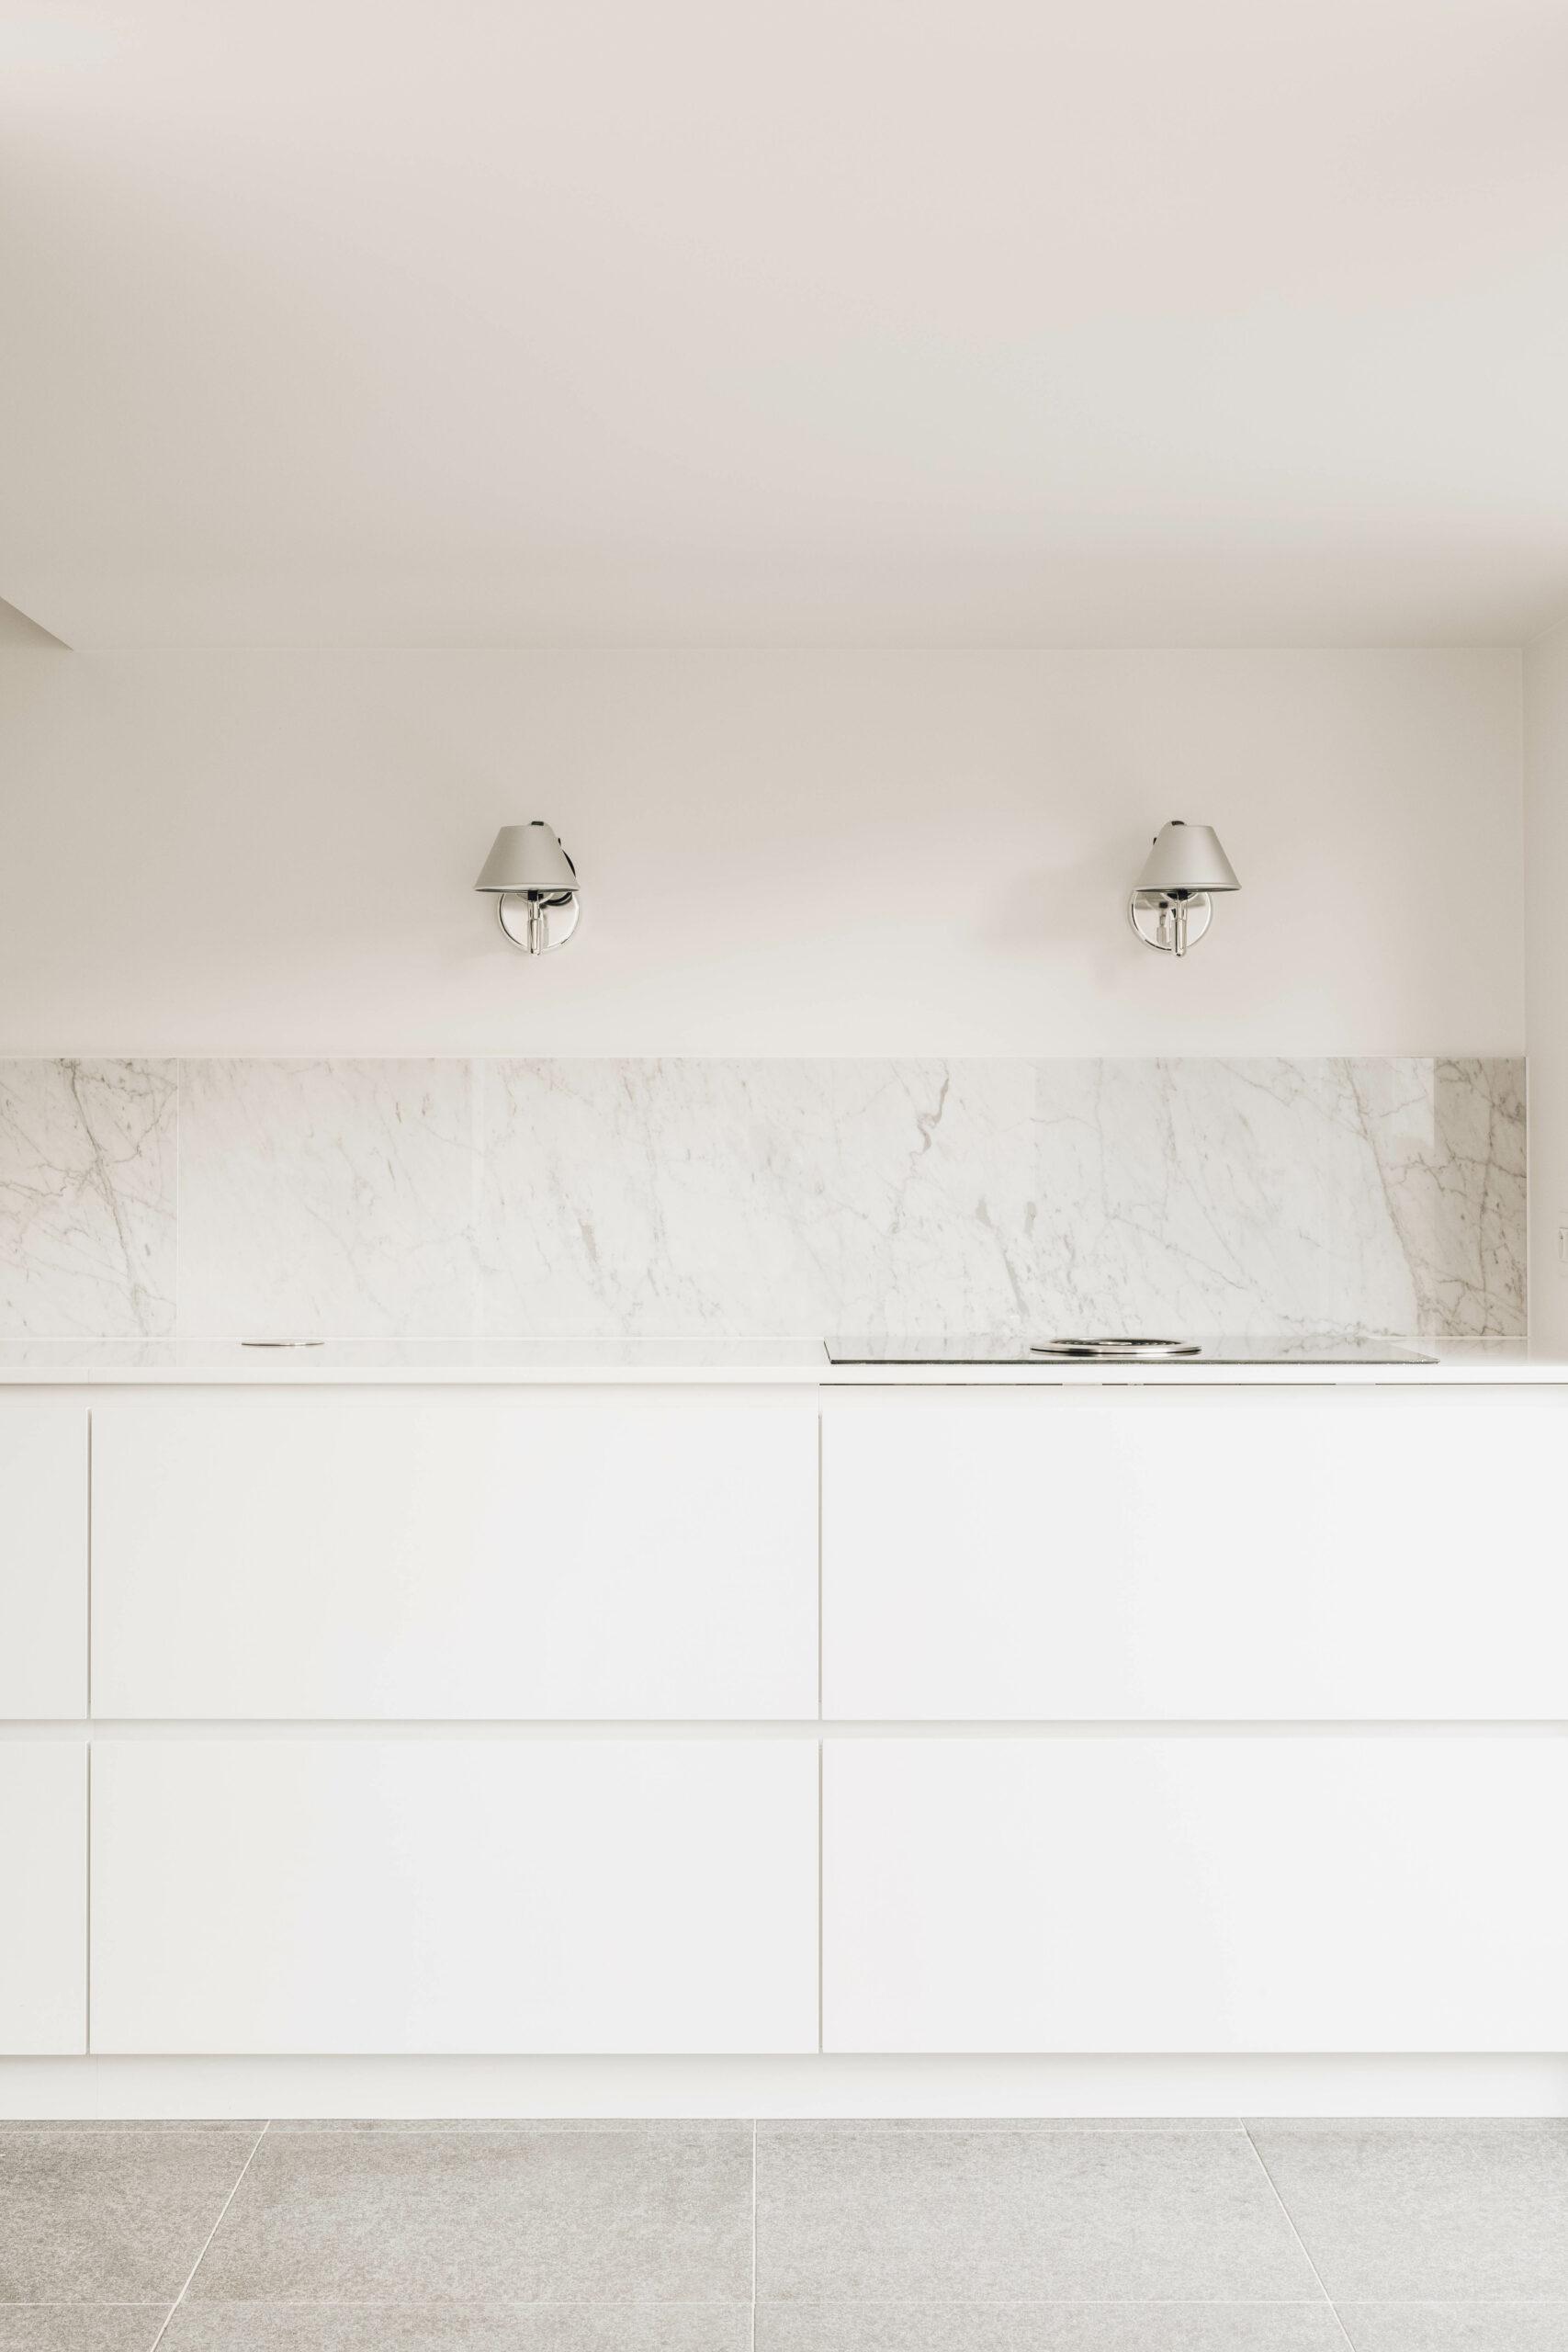 keuken-keukenplaatser-renovatie-interieur-toestellen